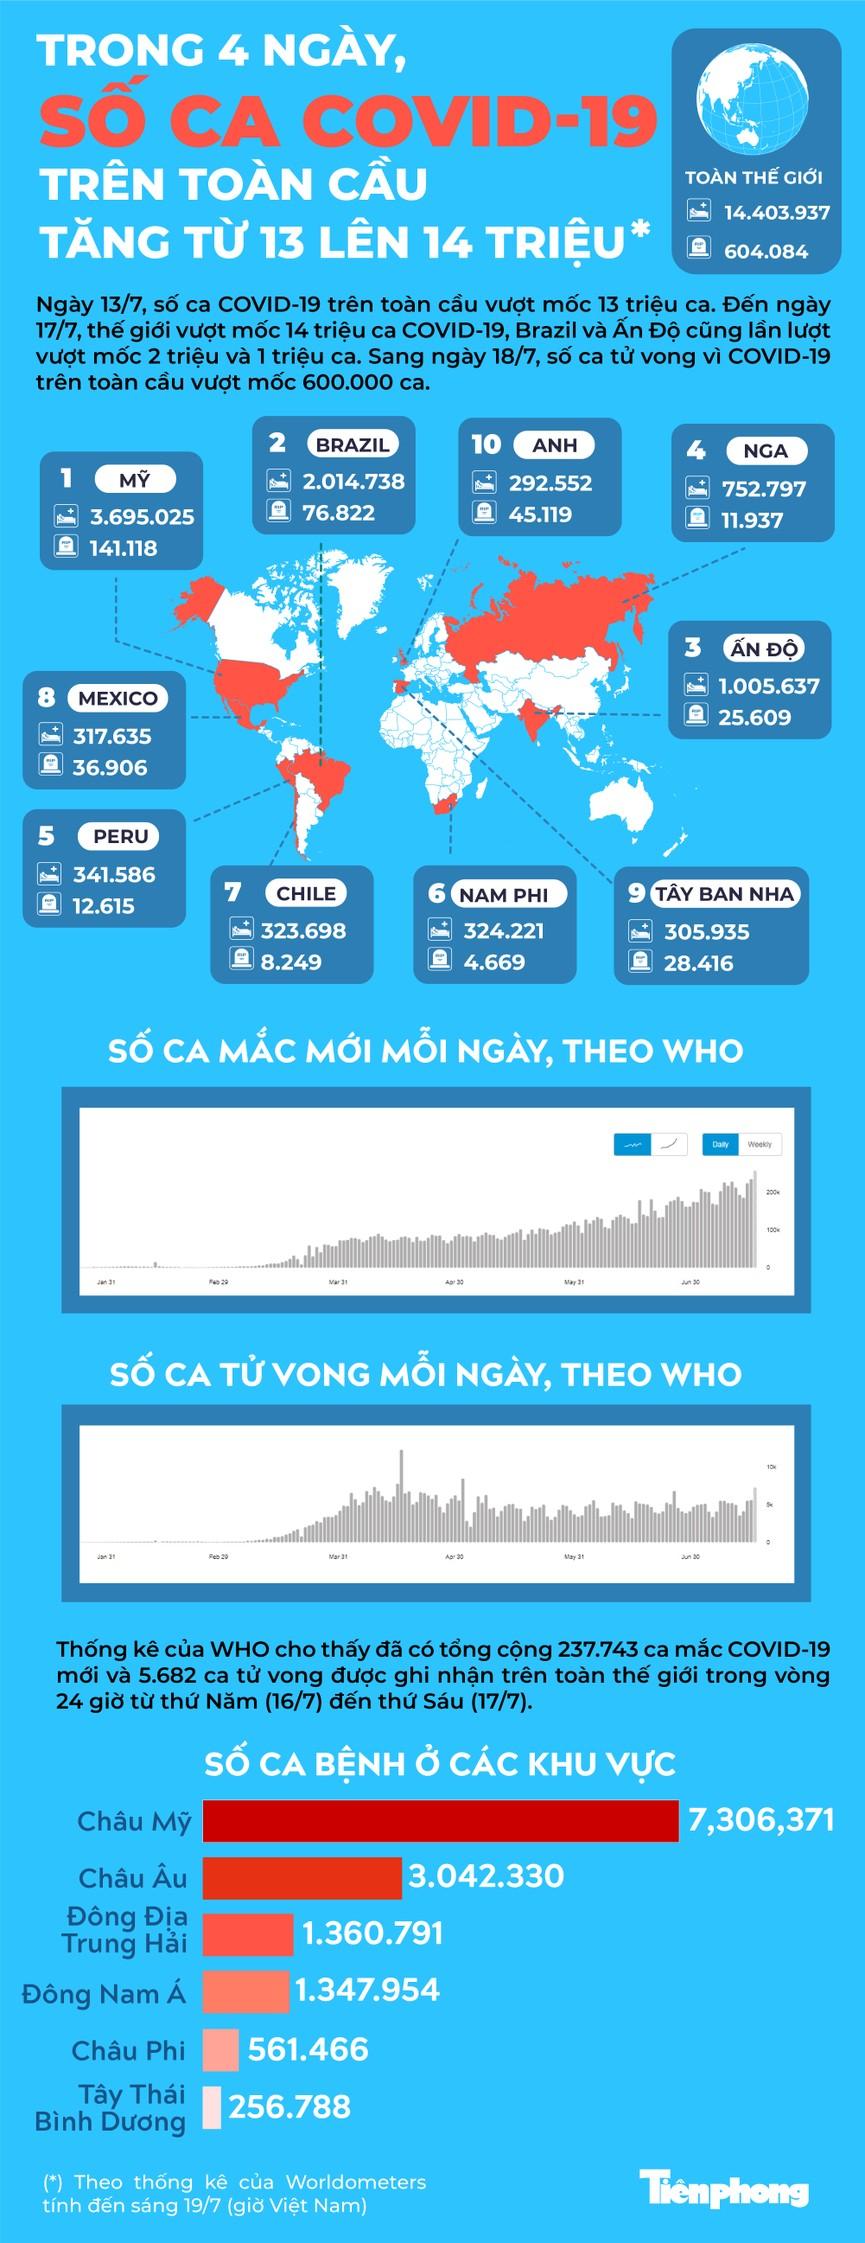 Trong 4 ngày, số ca COVID-19 trên toàn cầu tăng từ 13 lên 14 triệu - ảnh 1